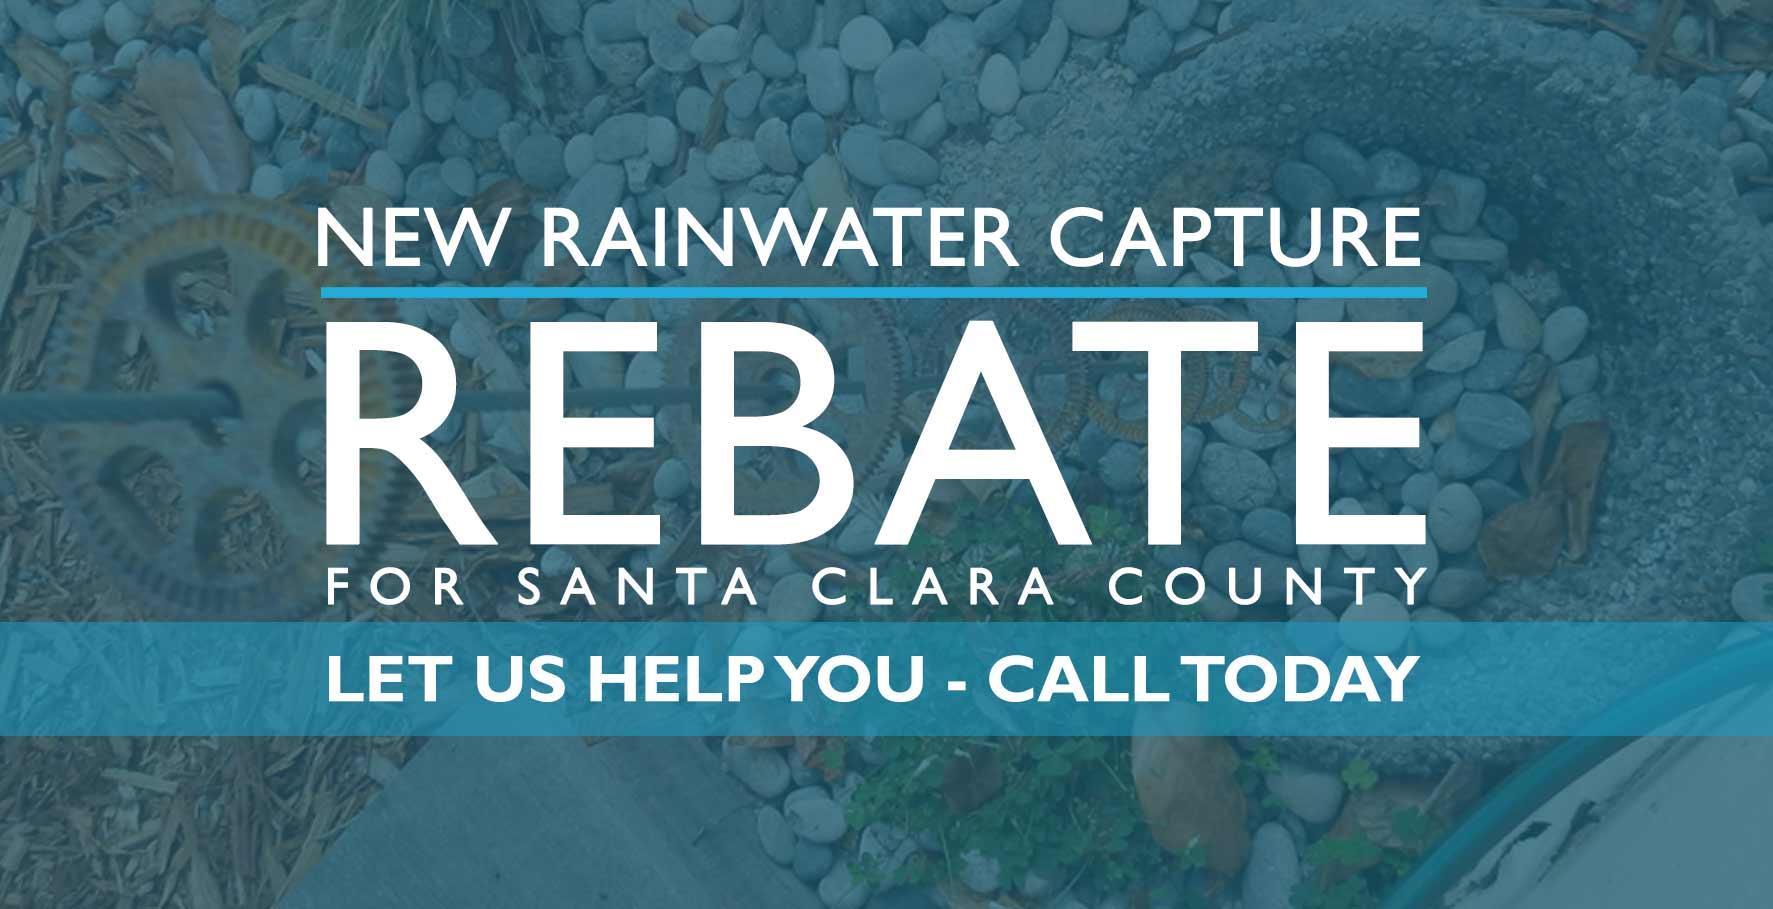 rainwater rebates